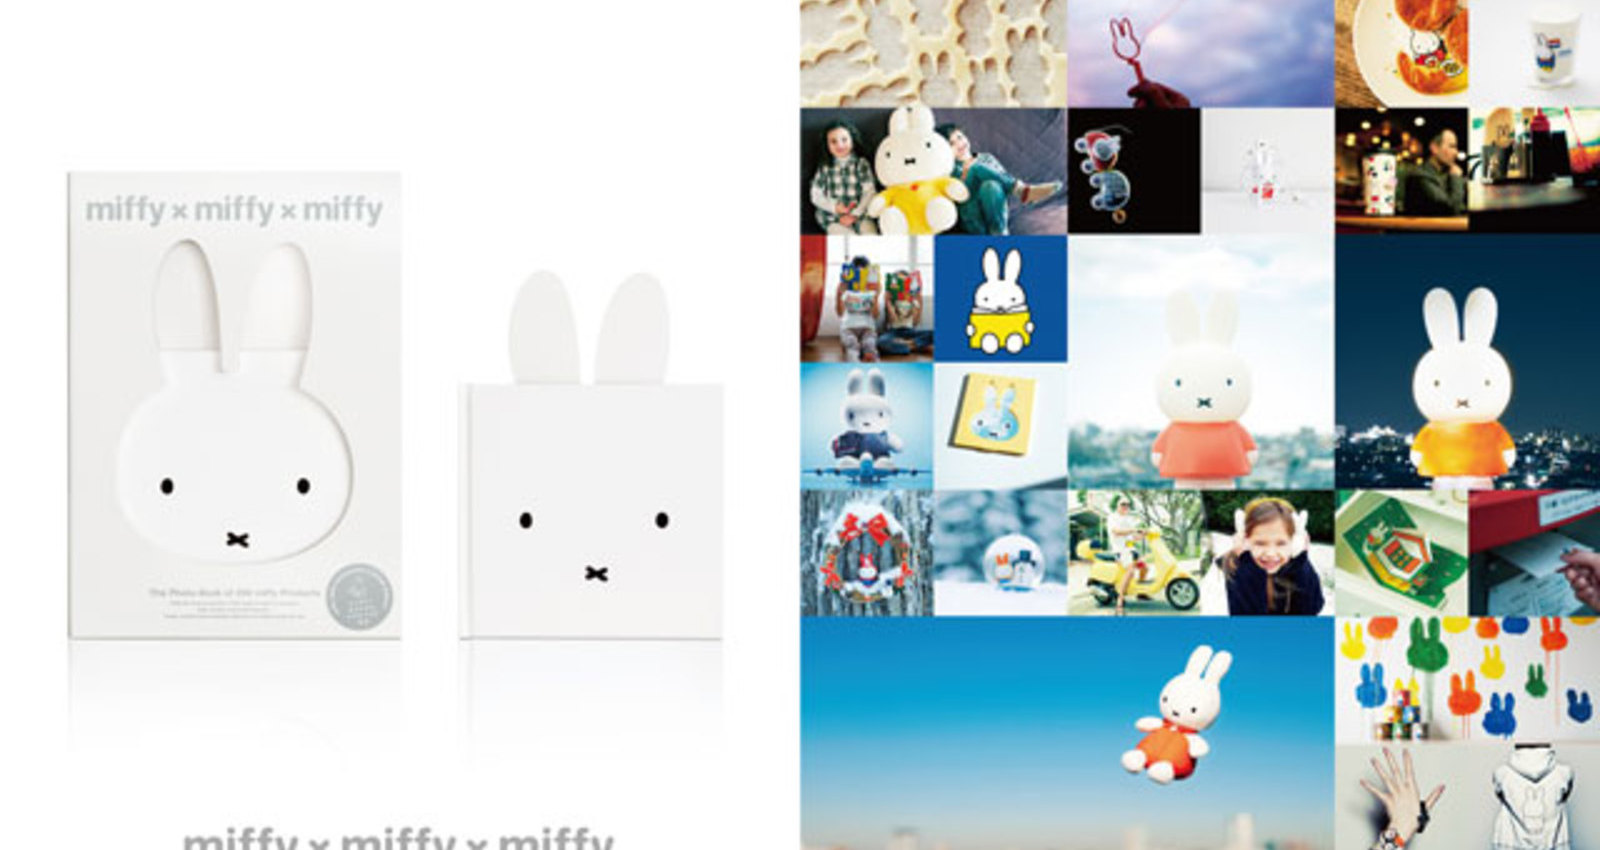 miffy×miffy×miffy